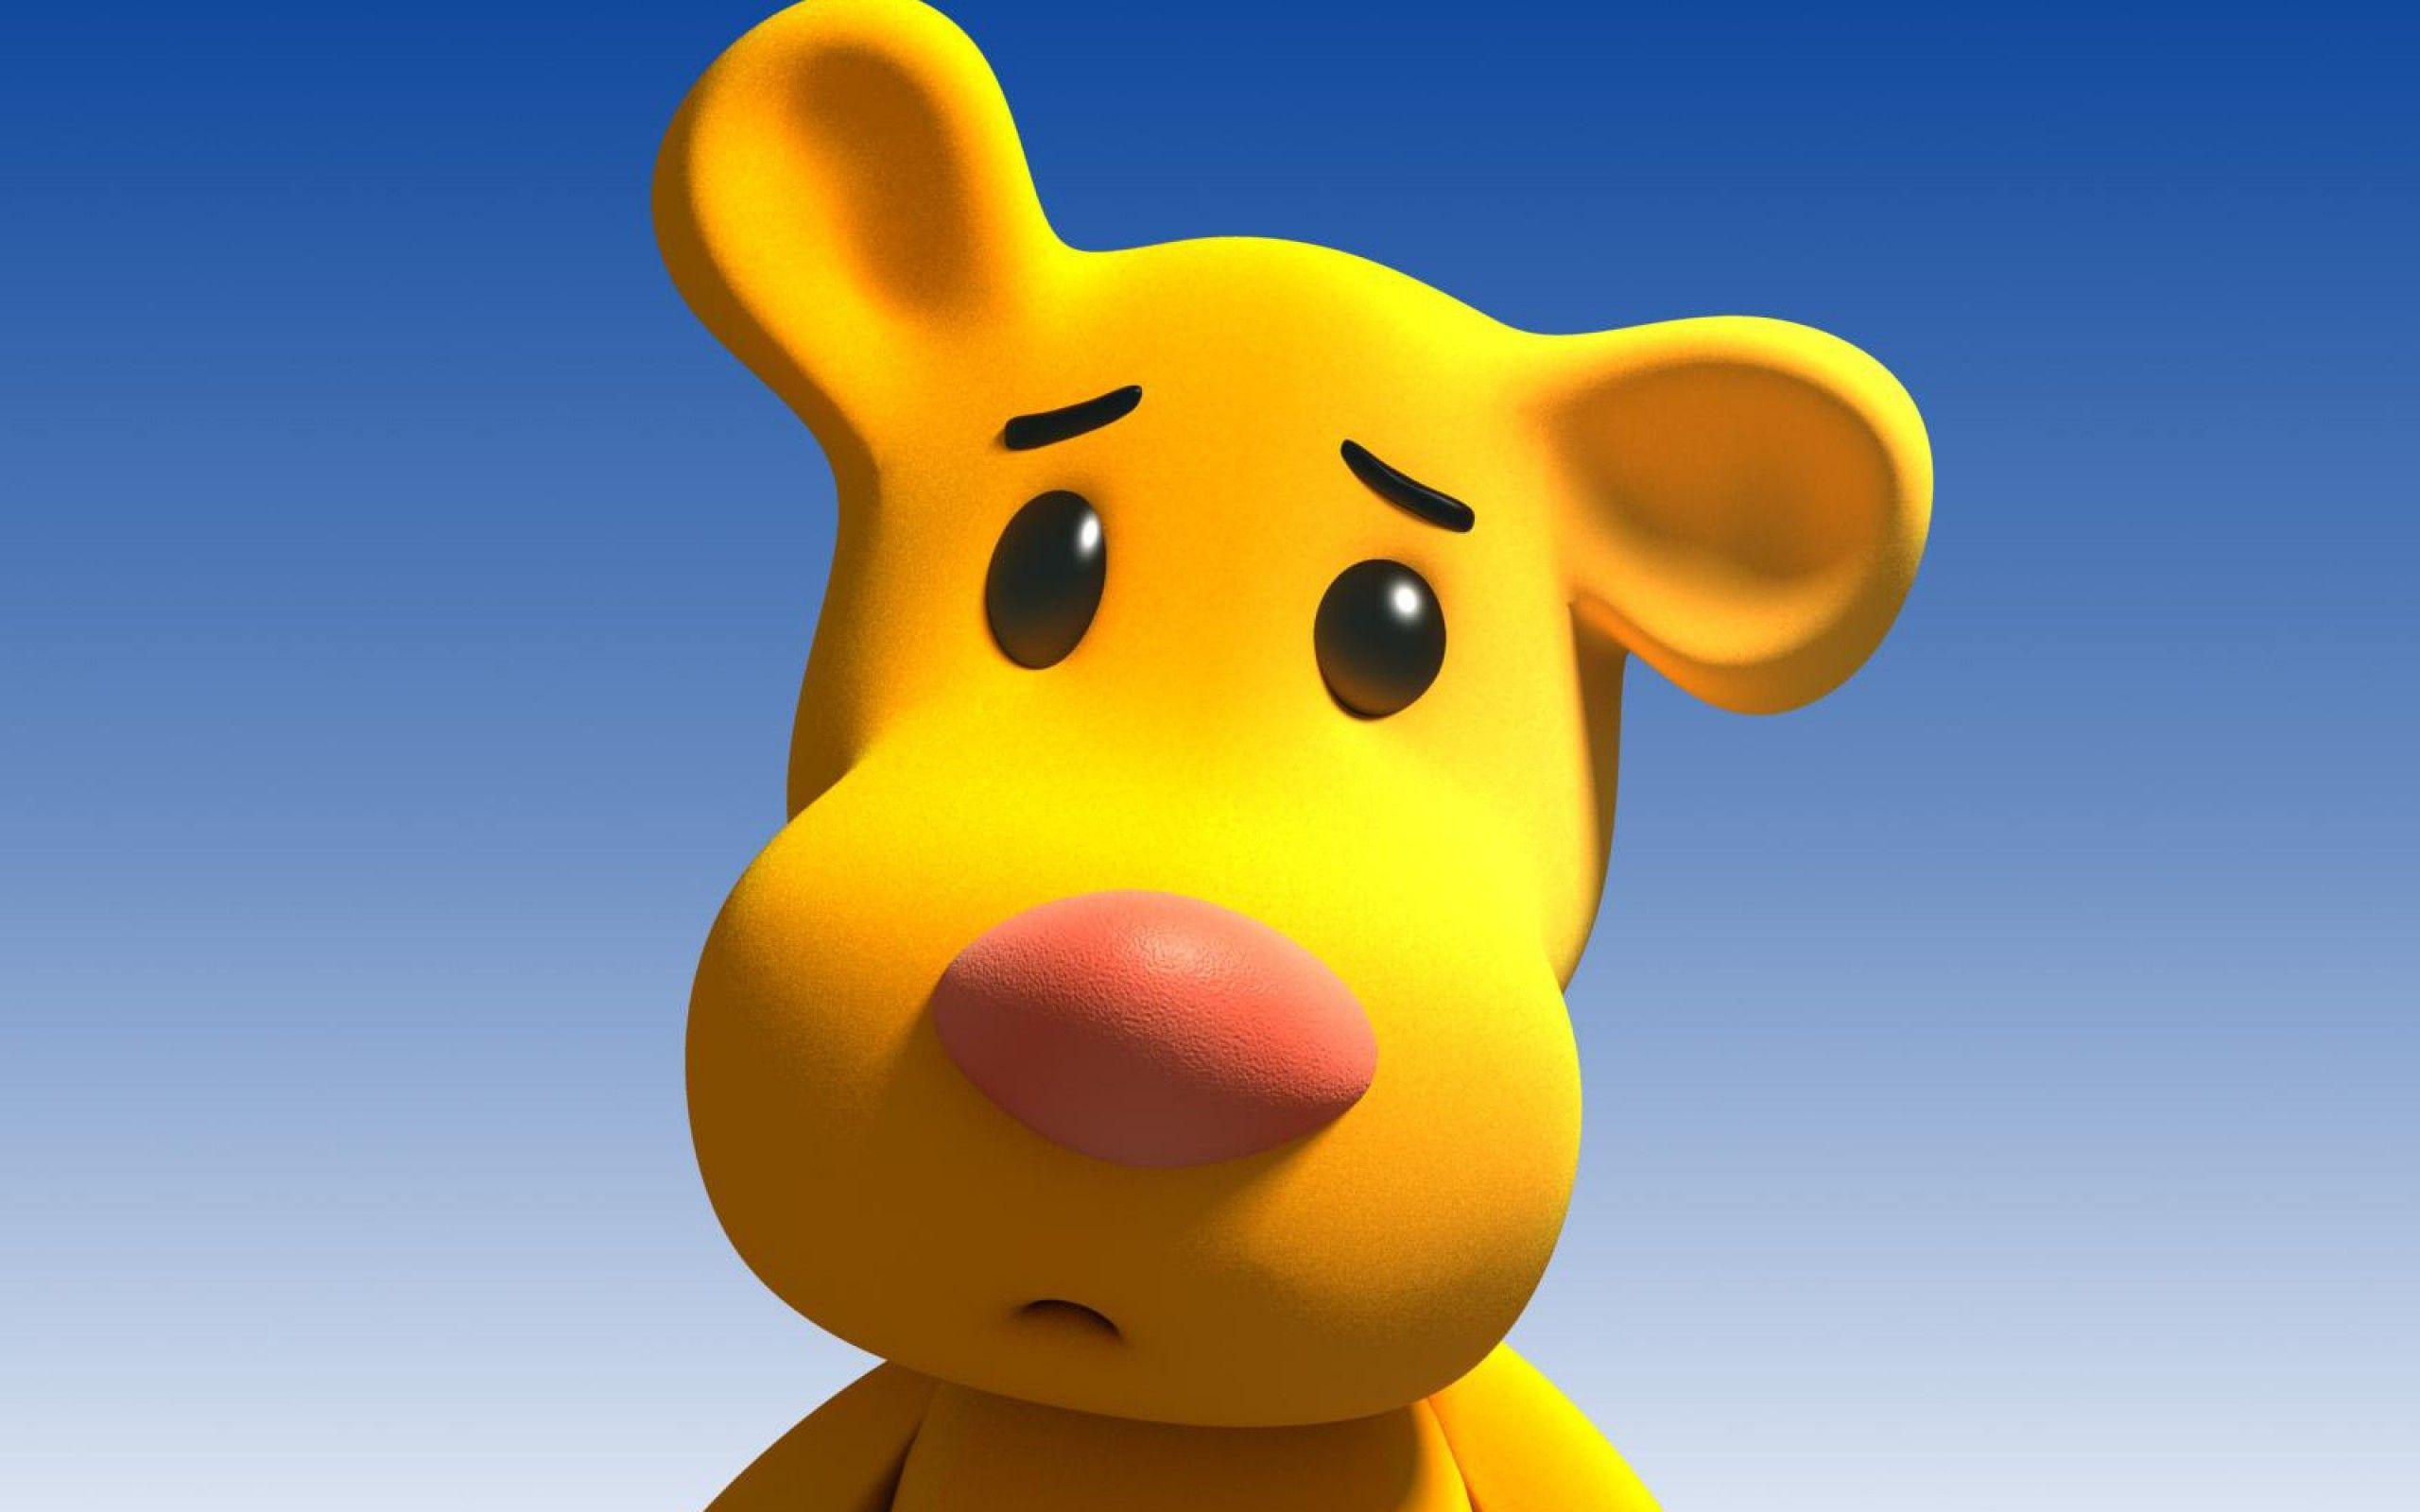 Cartoon Character Funny Yellow Animal Cartoons For Kids Hd Wallpaper Downlo Fondo De Pantalla De Dibujos Animados Fondo De Pantalla Oso Historieta Graciosa